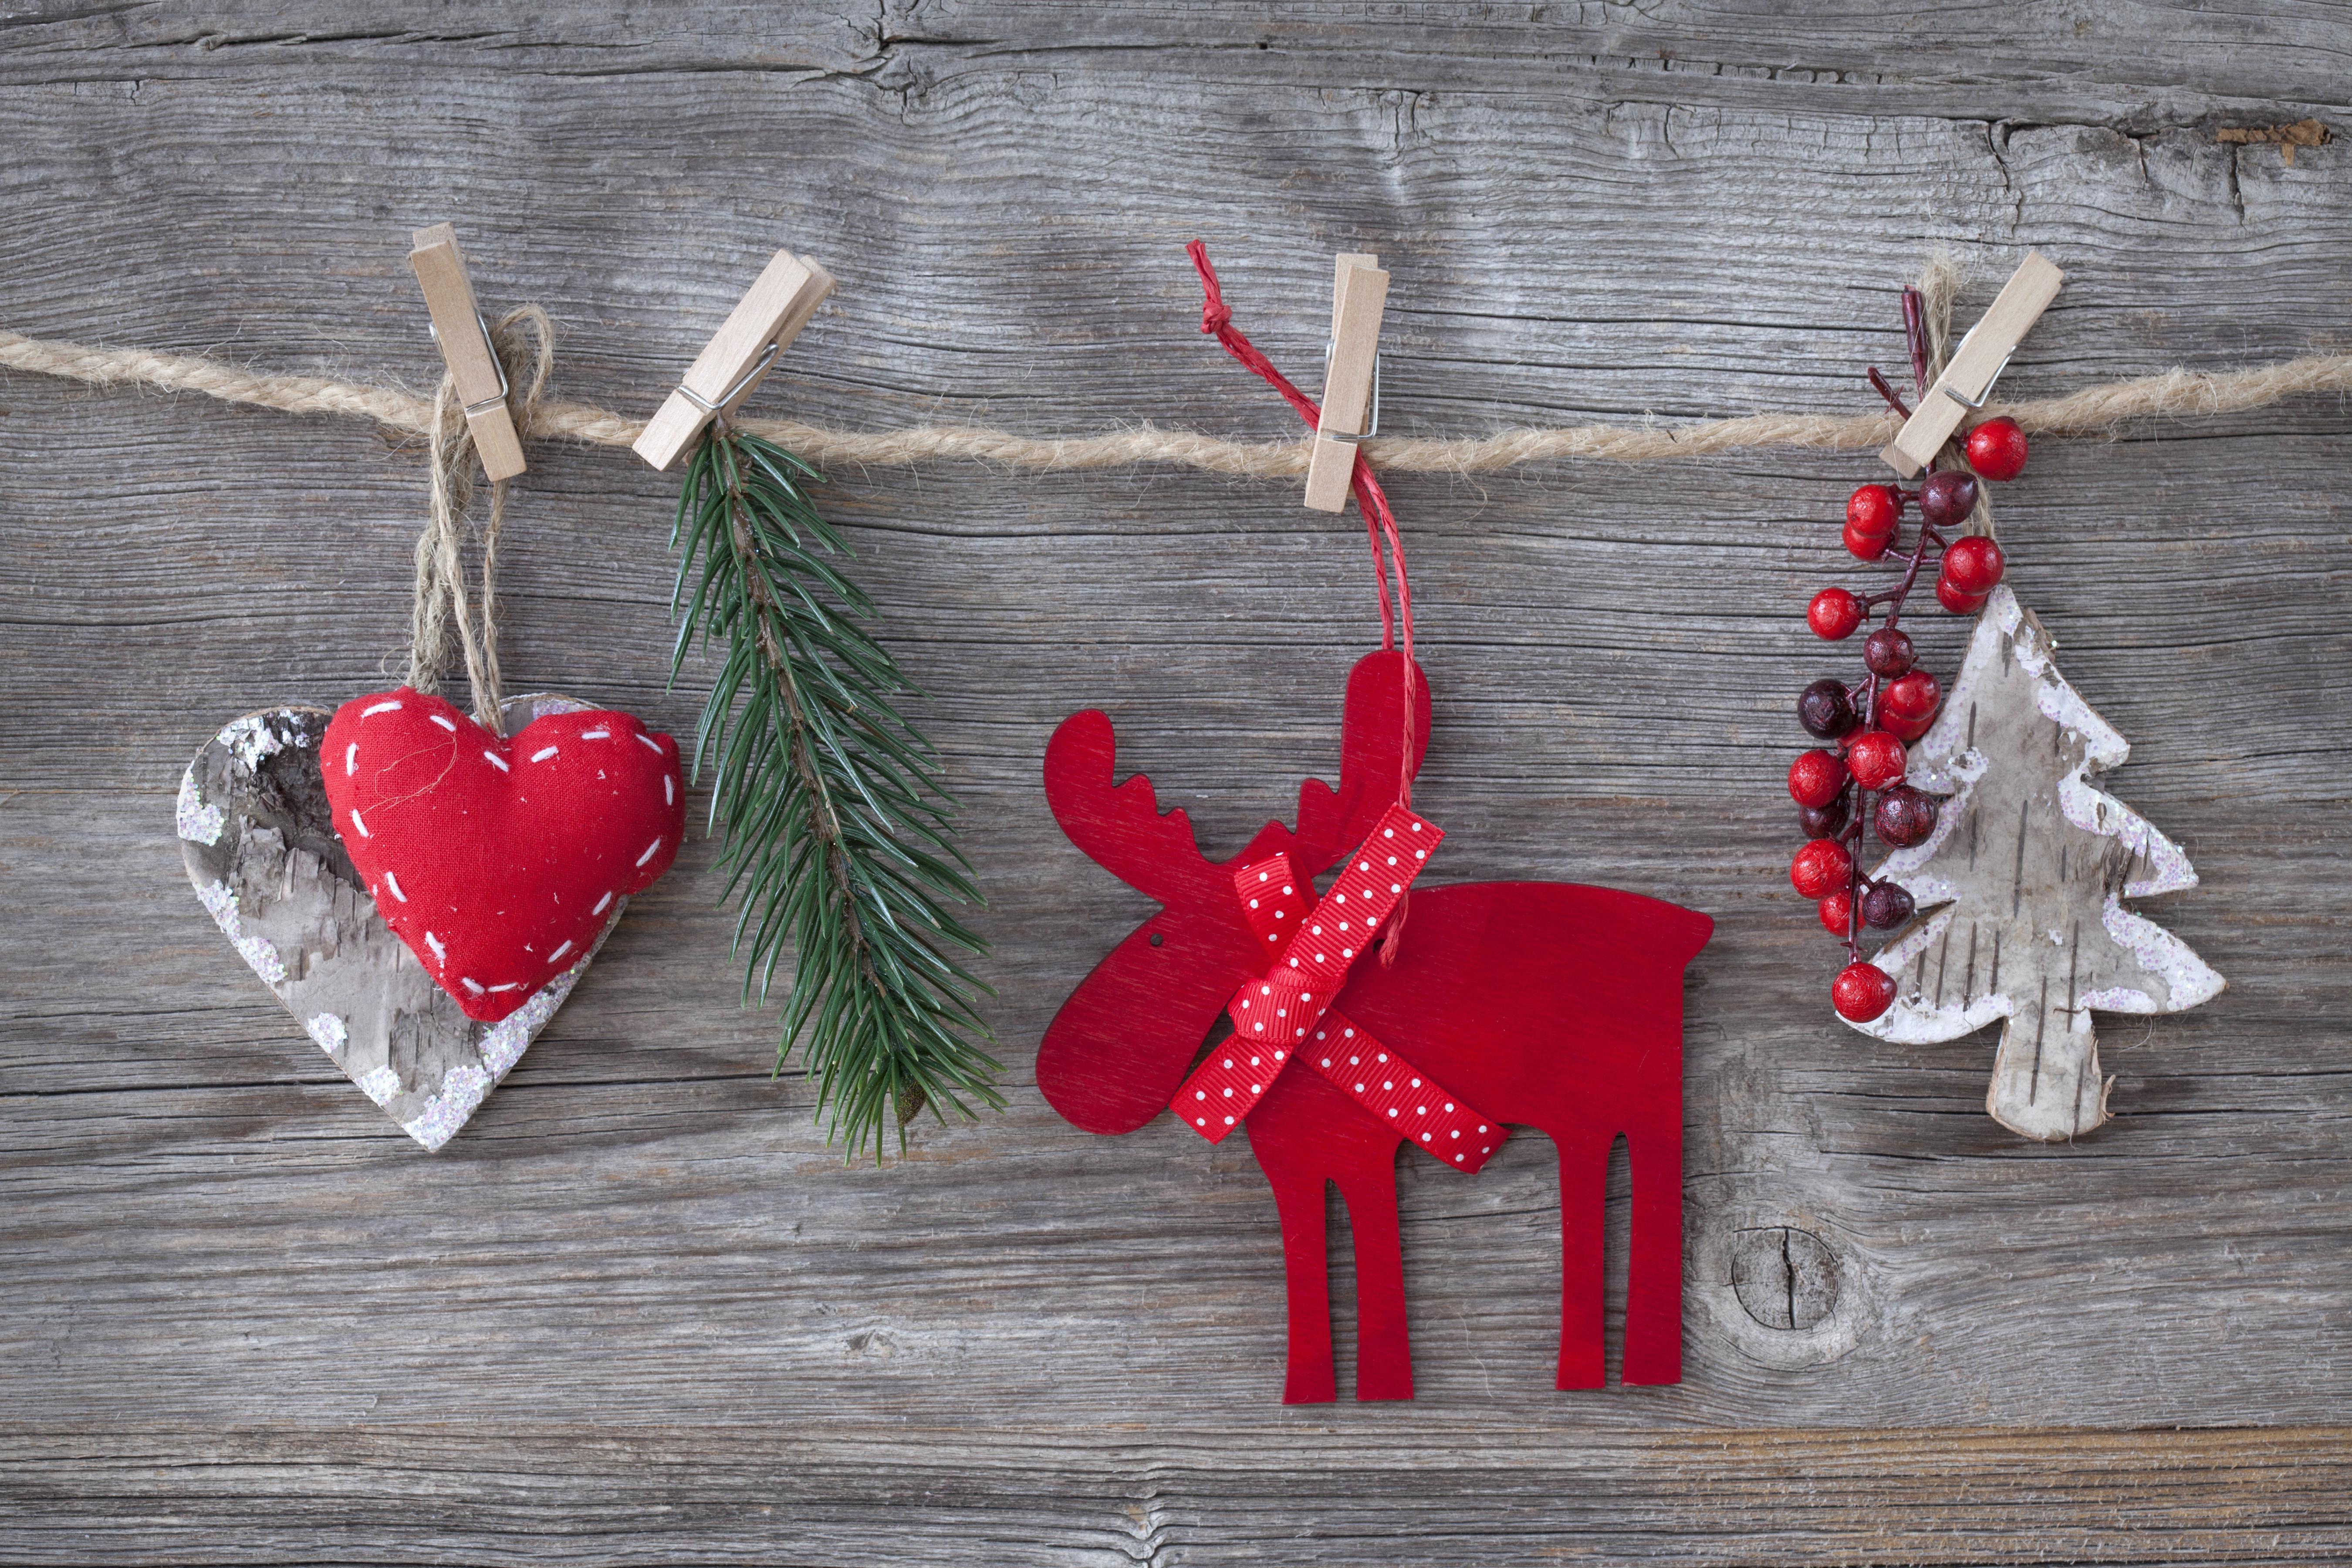 Projekt Milý Ježíšku opět splní vánoční přání dětem z dětských domovů